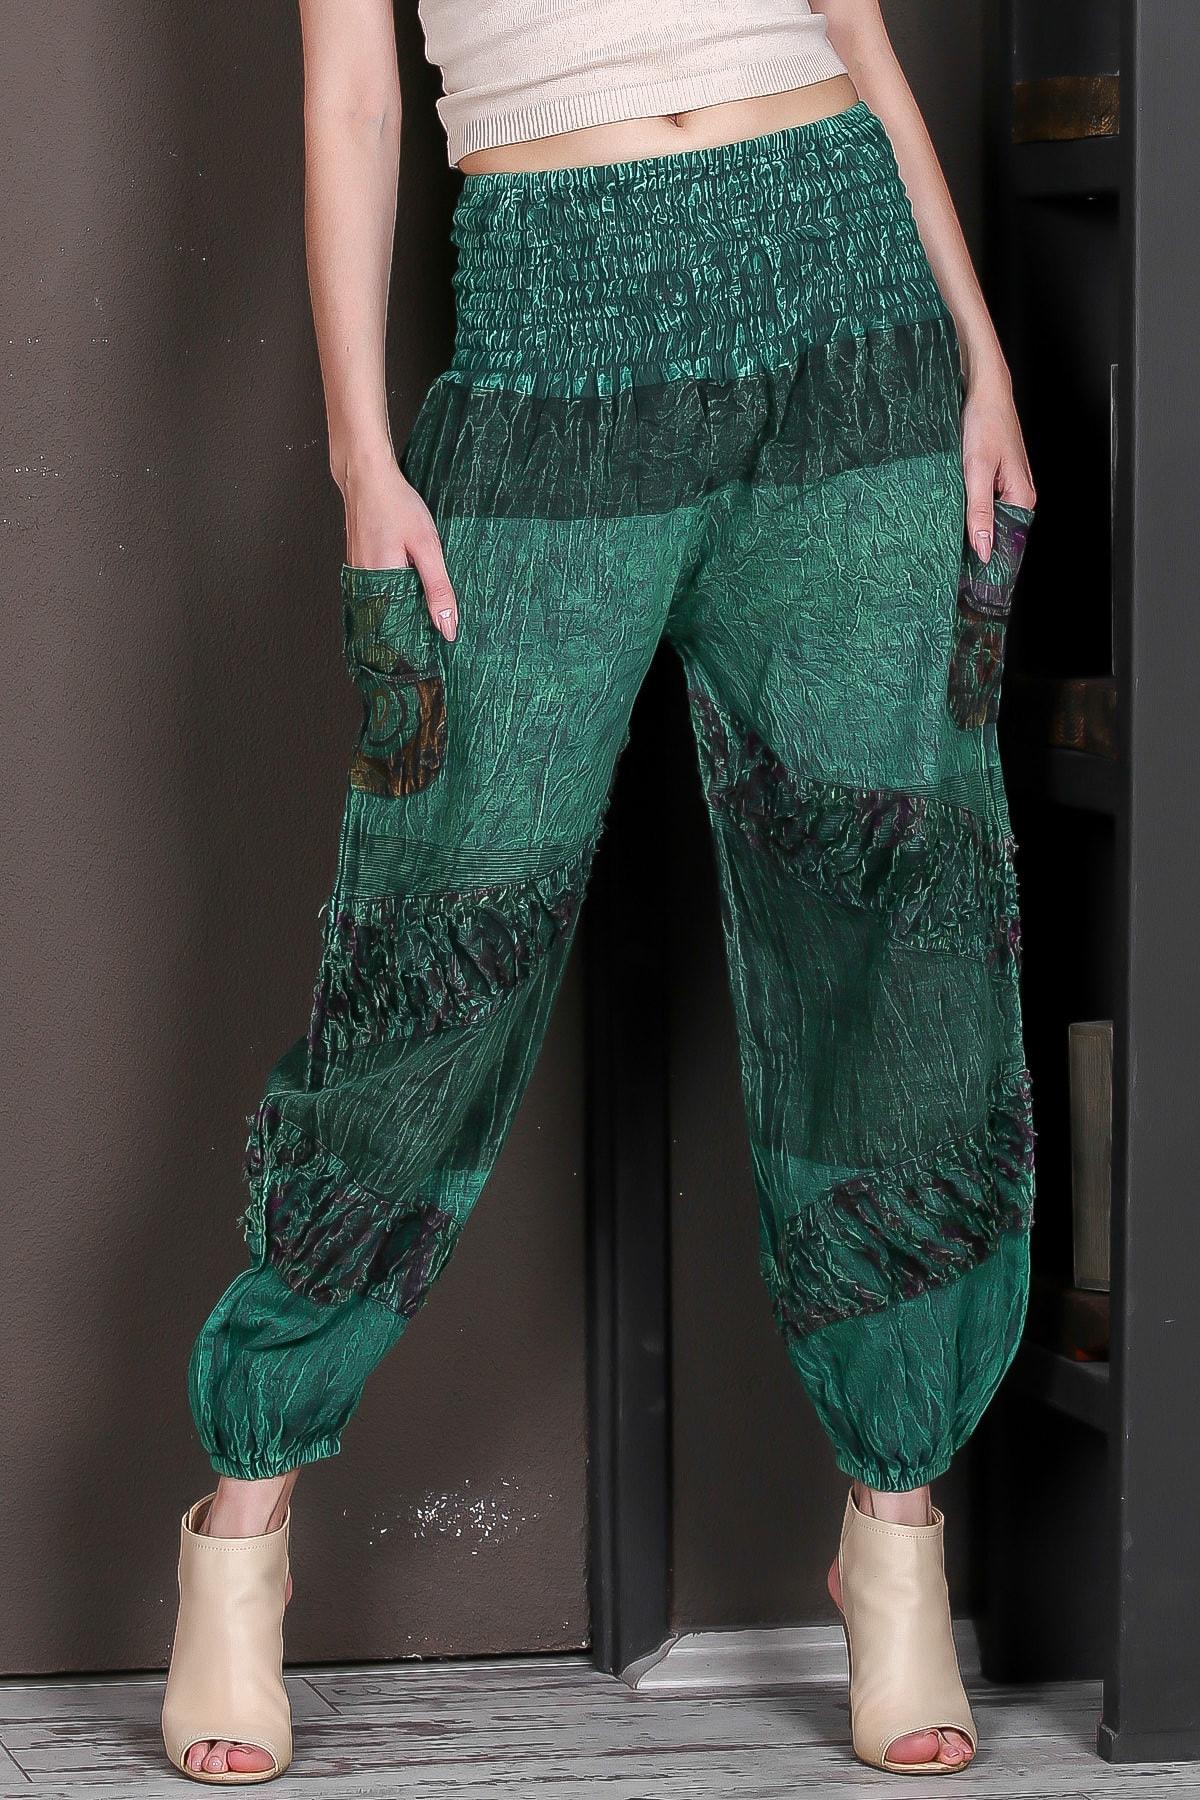 Chiccy Kadın Yeşil Beli Gipeli Cepli Bloklu Yıkamalı Dokuma Şalvar Pantolon M10060000PN98889